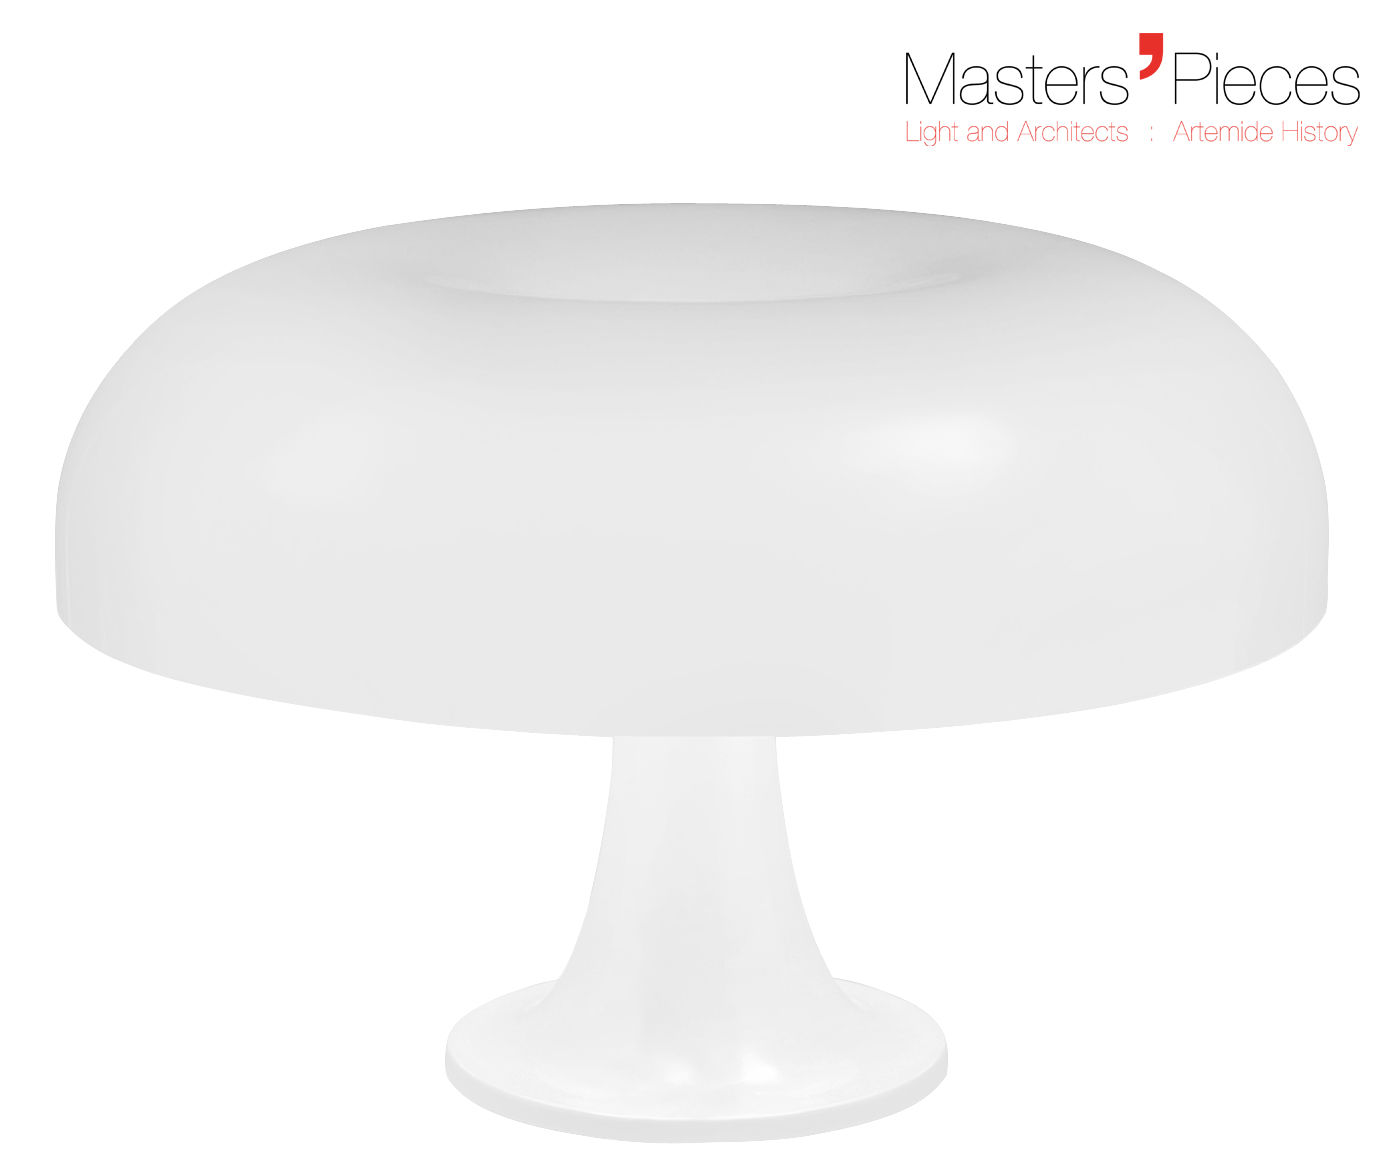 Illuminazione - Lampade da tavolo - Lampada da tavolo Masters' Pieces - Nesso - / 1967 - Ø 54 cm di Artemide - Bianco - ABS